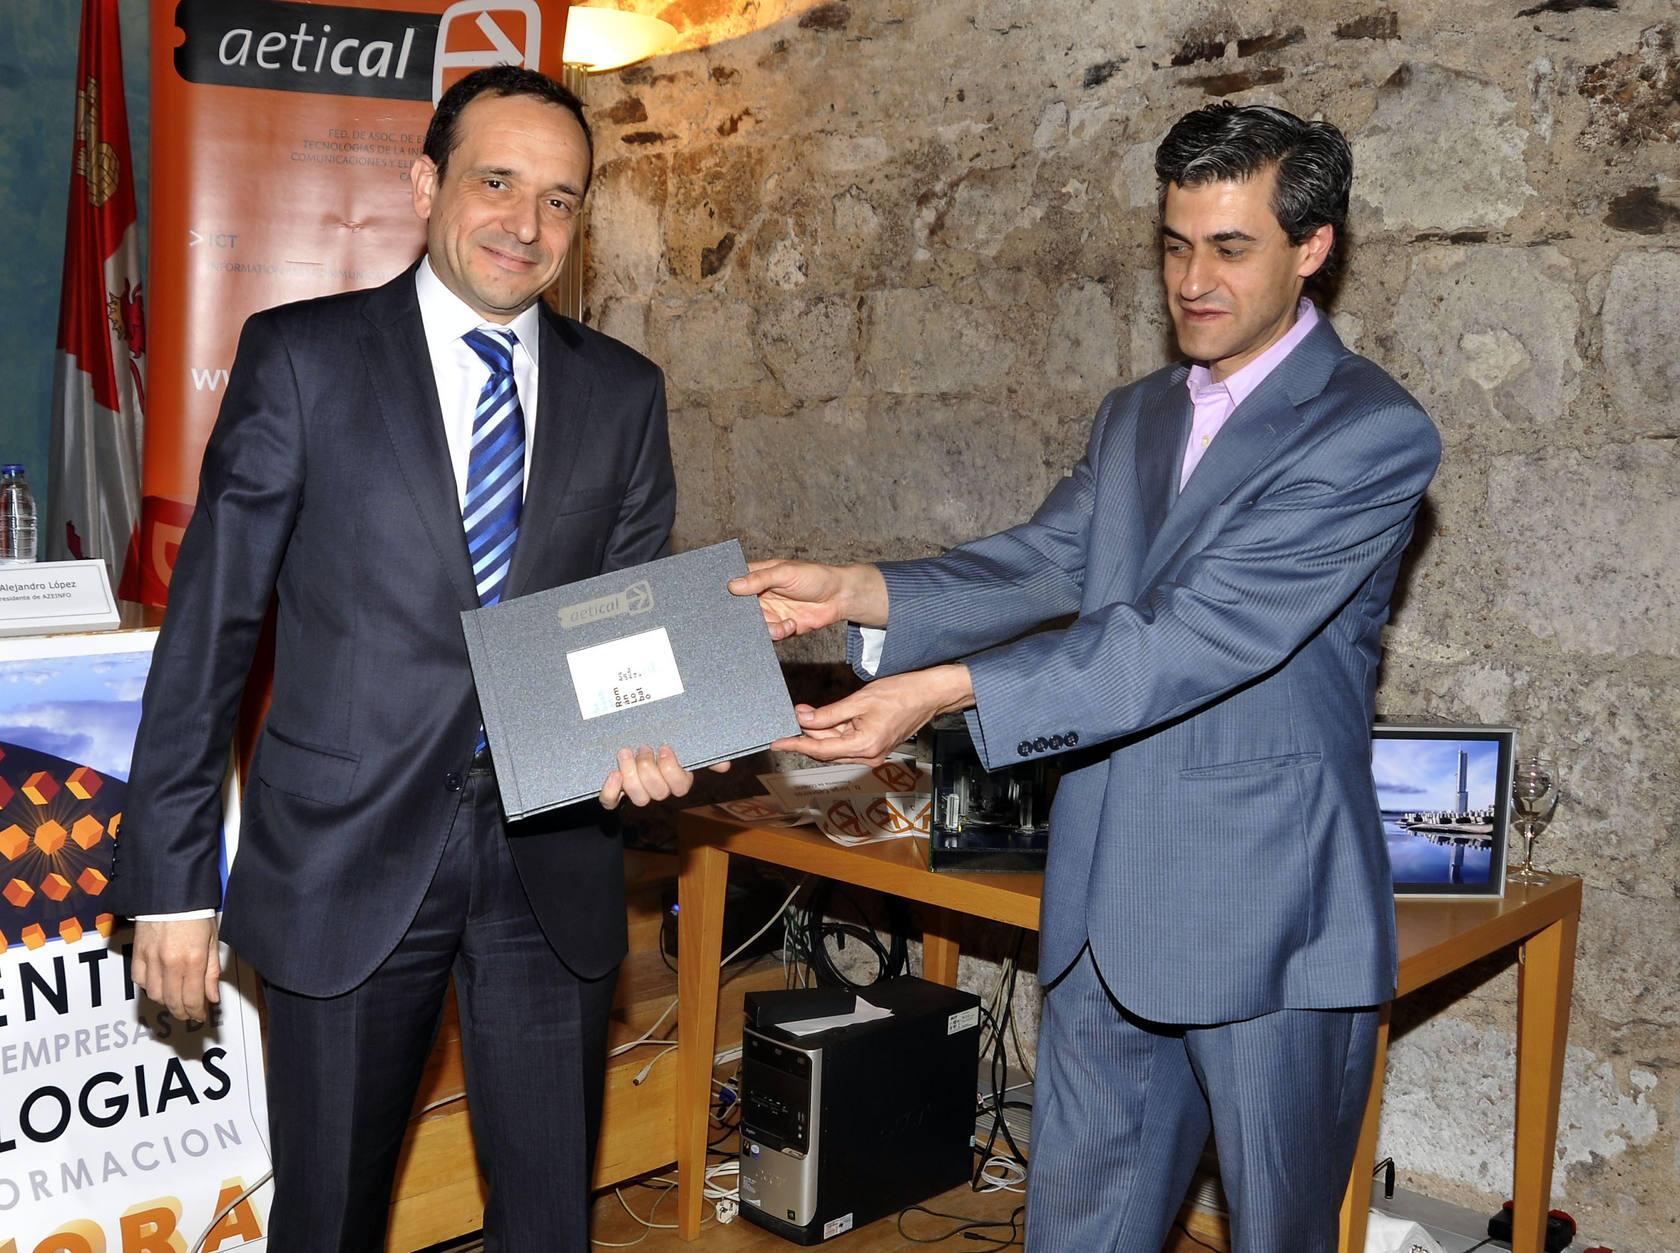 Undécimo encuentro regional de empresas de tecnologías de la información en Zamora